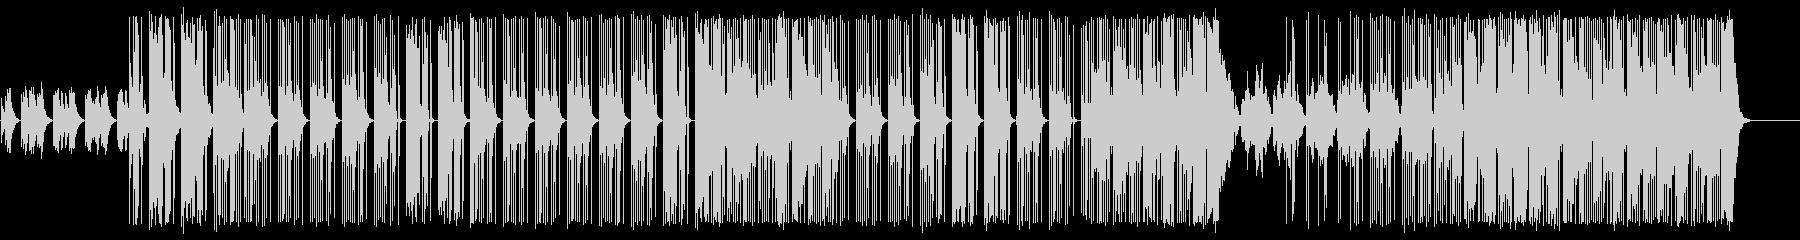 リードシンセ・メロHip-HopBeatの未再生の波形